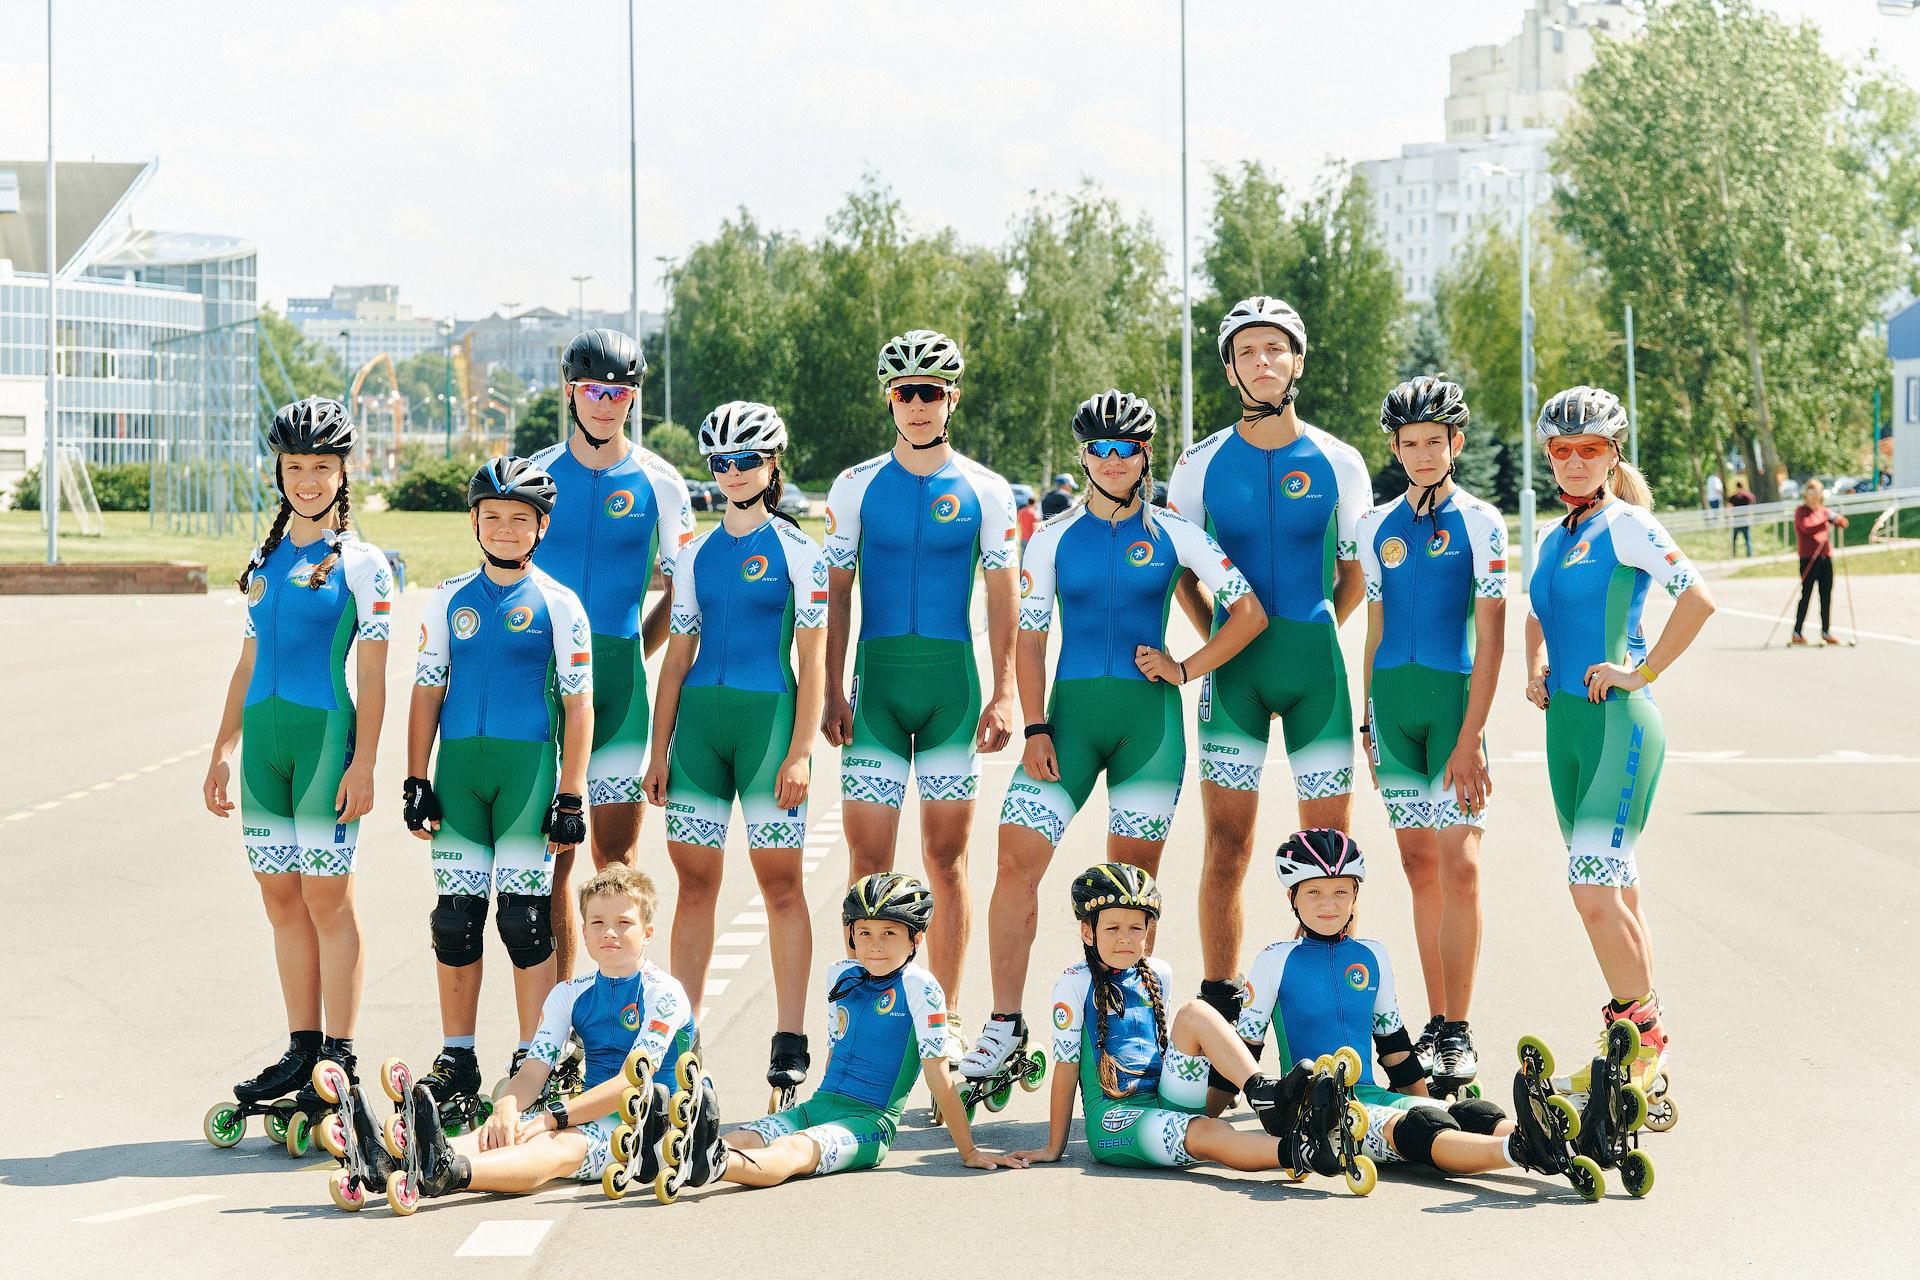 Фотосессия призеров Чемпионата Беларуси